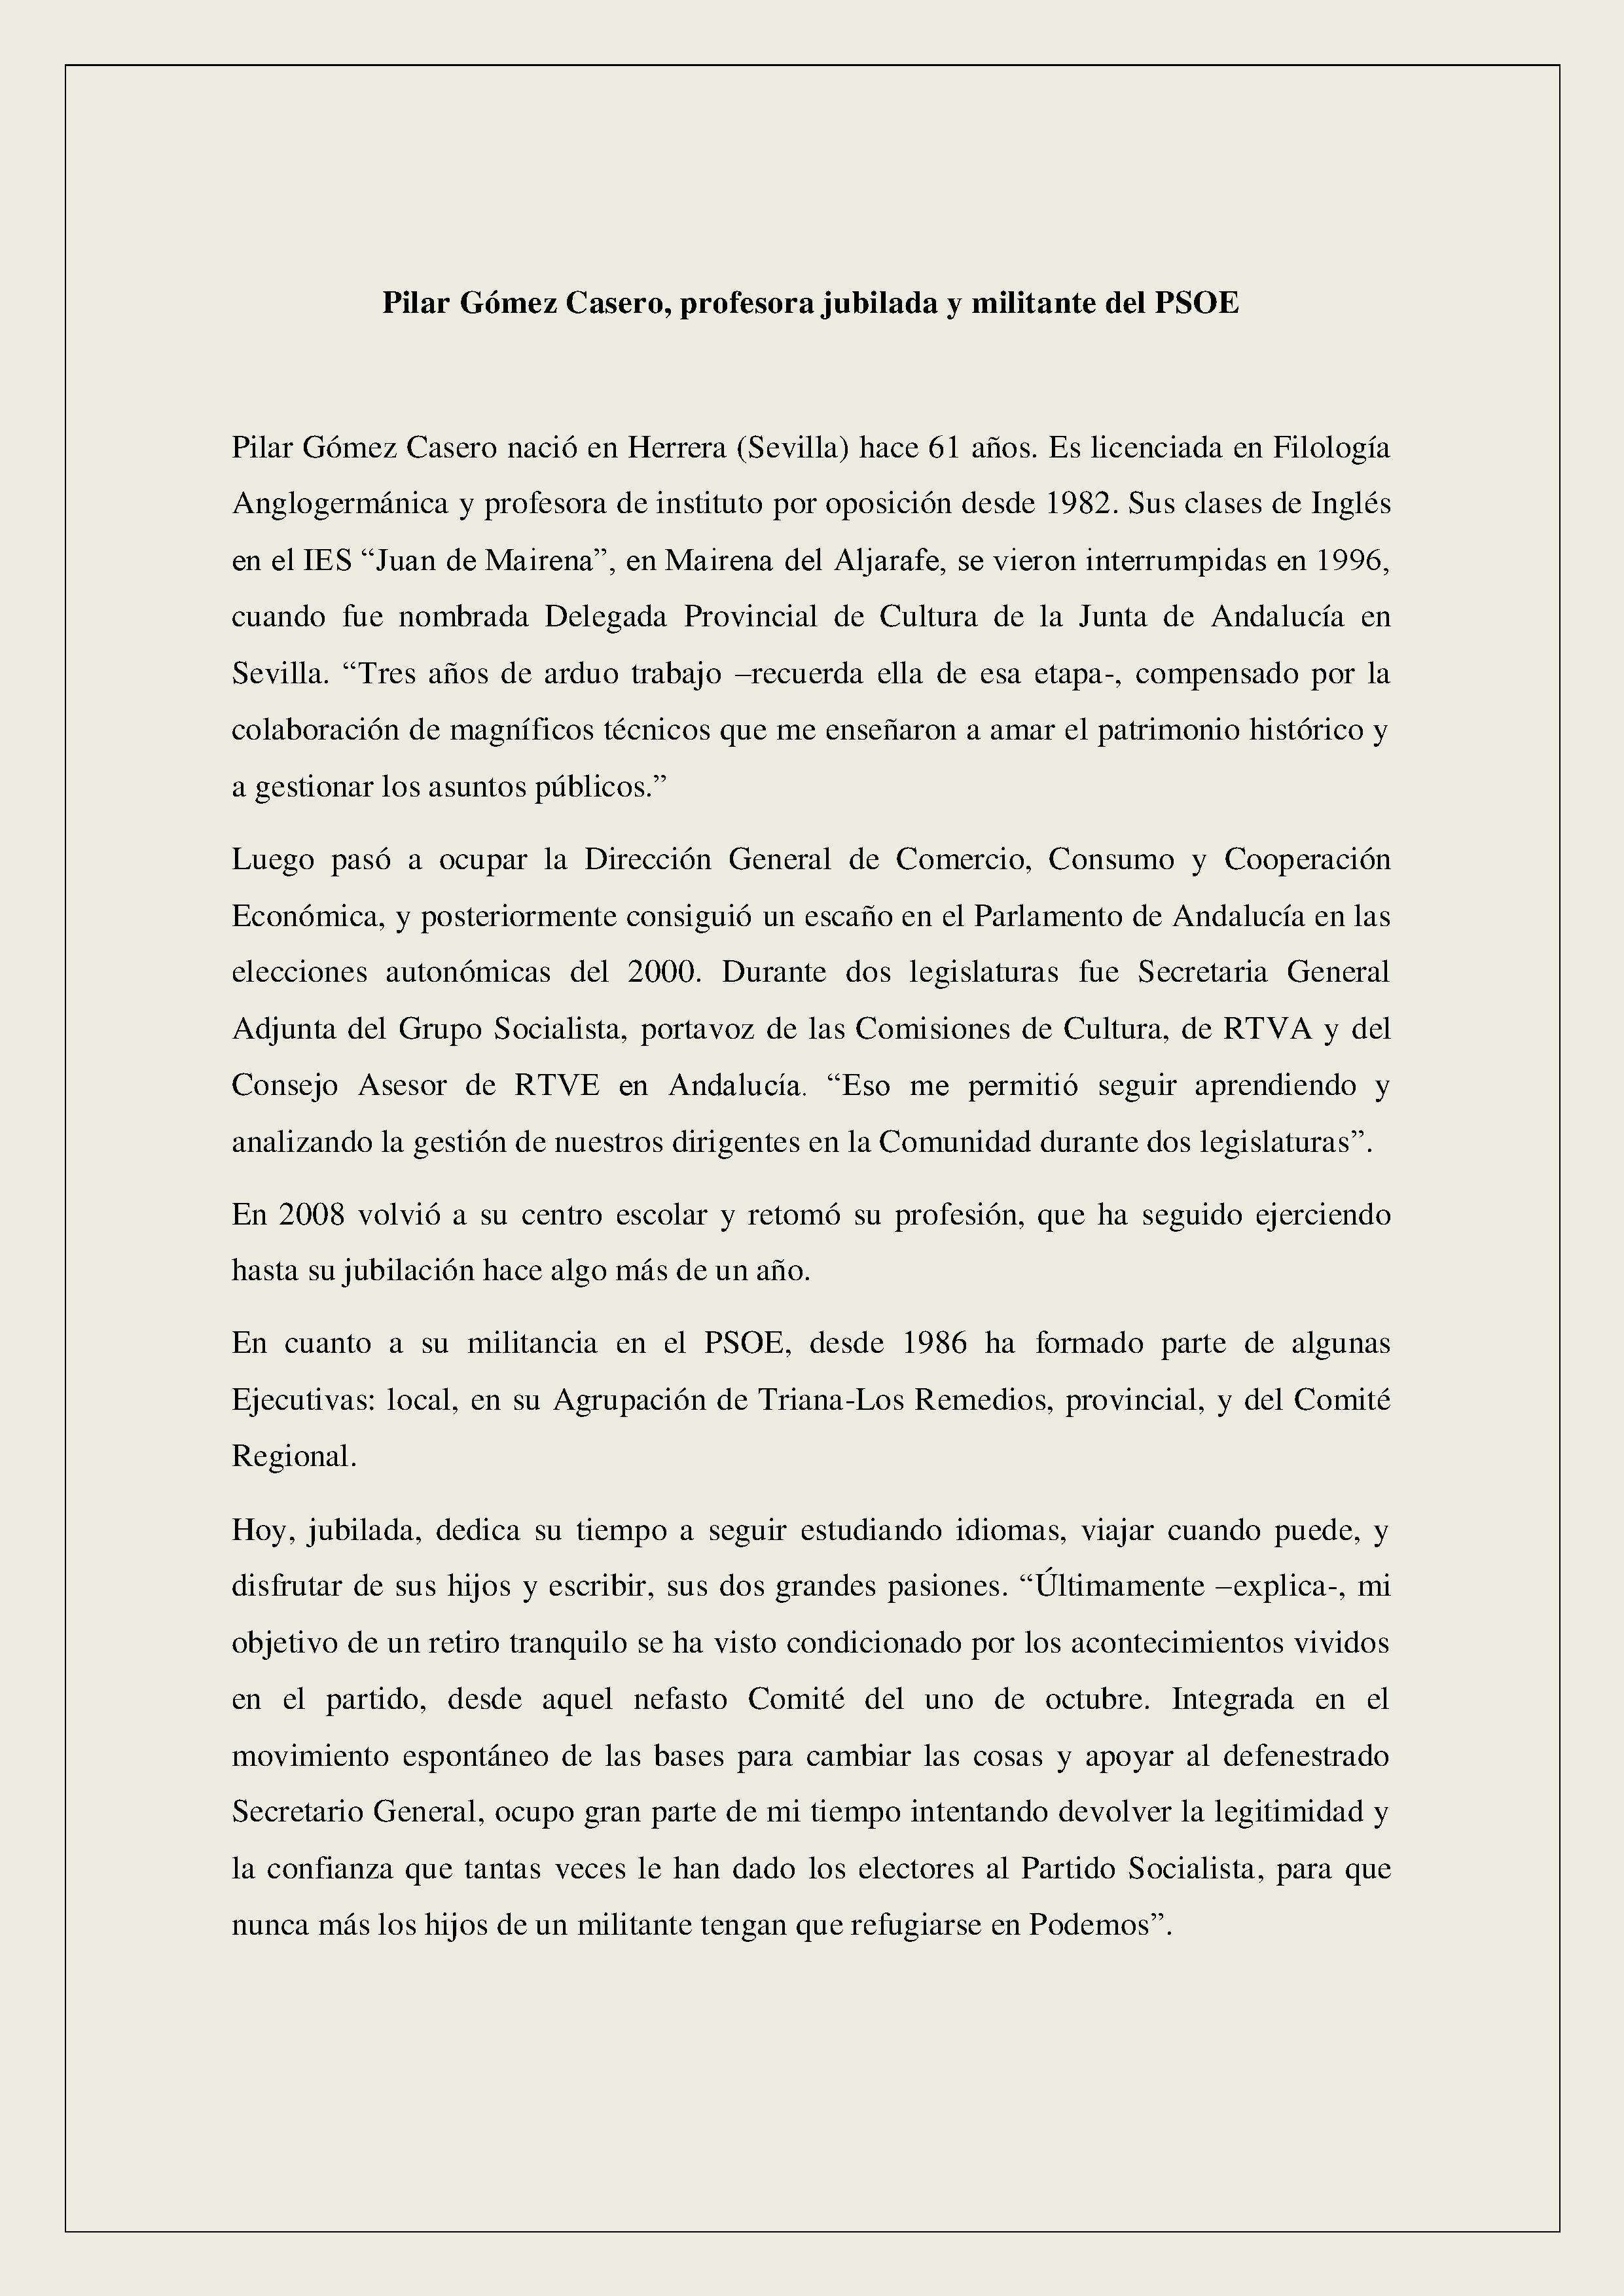 CV Pilar Gómez Casero